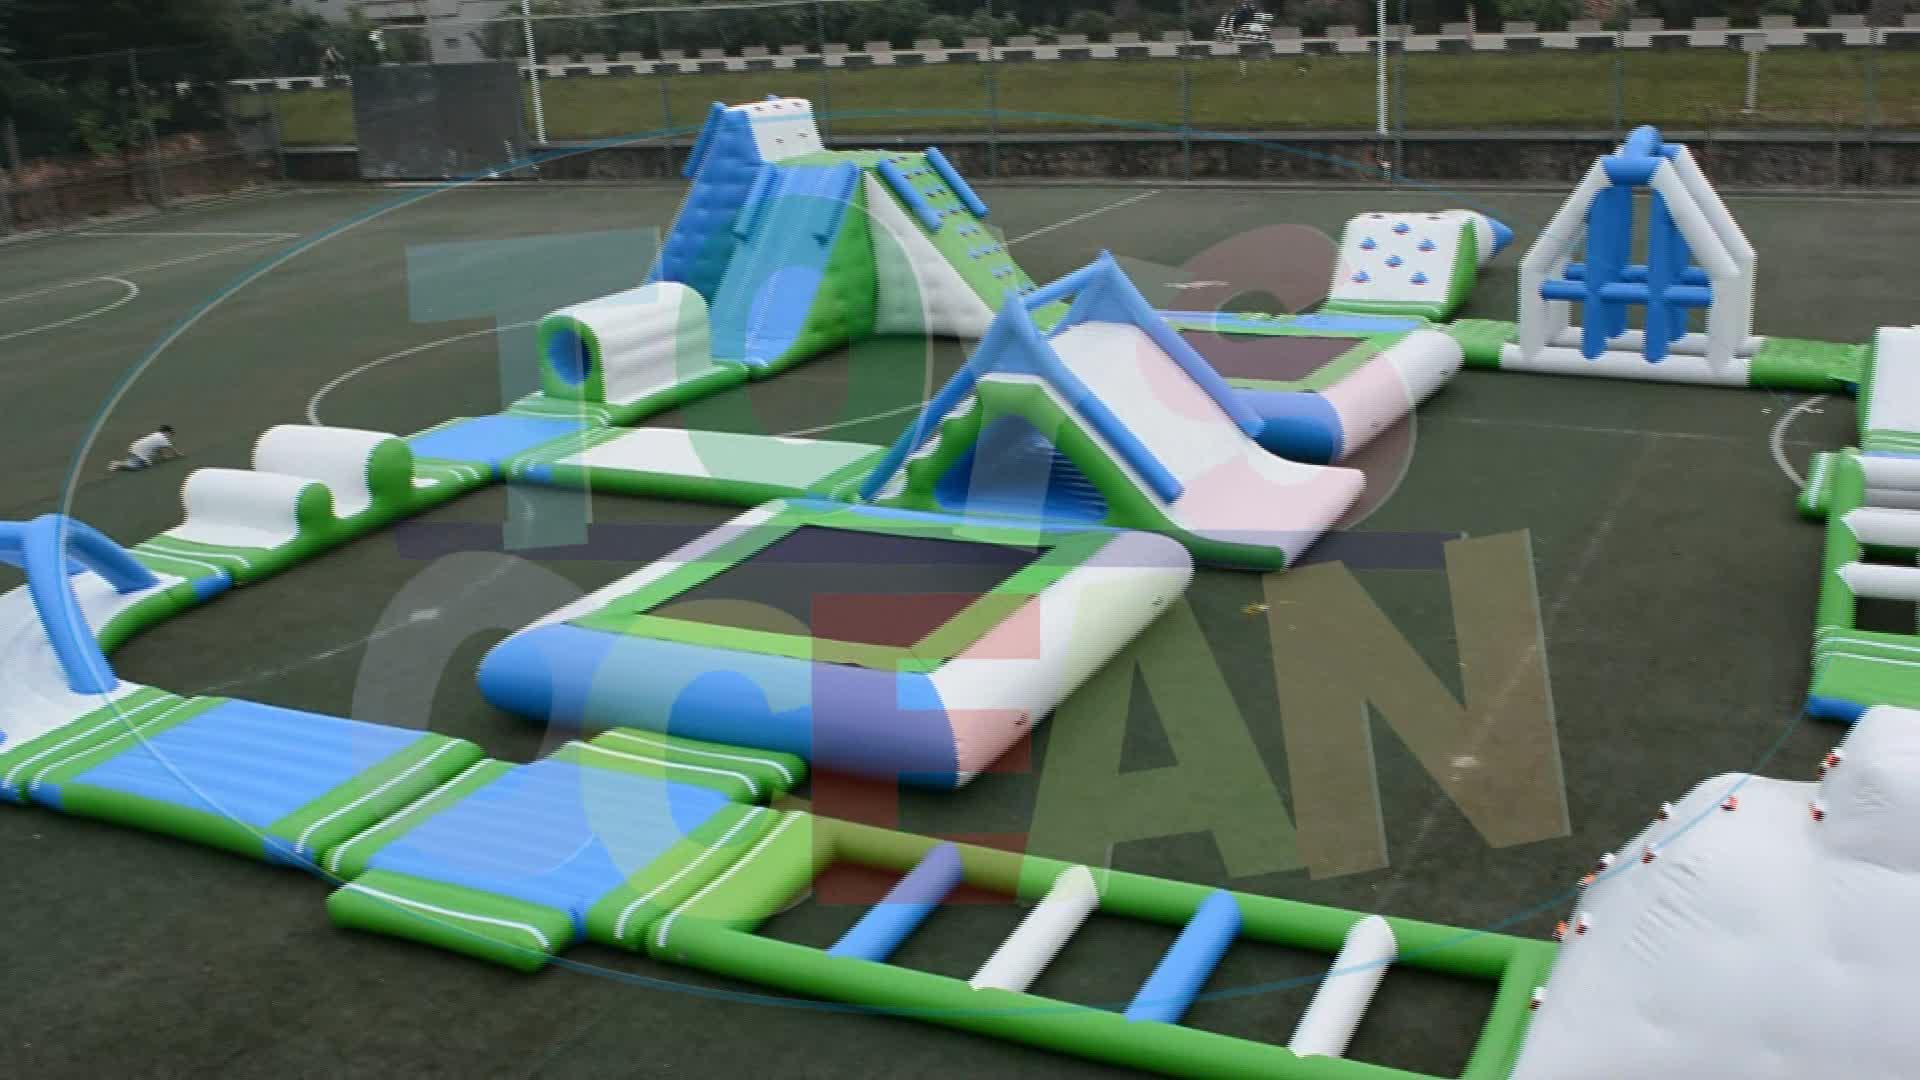 풍선 물 재생 장비 풍선 아쿠아 공원 거대한 부동 공원